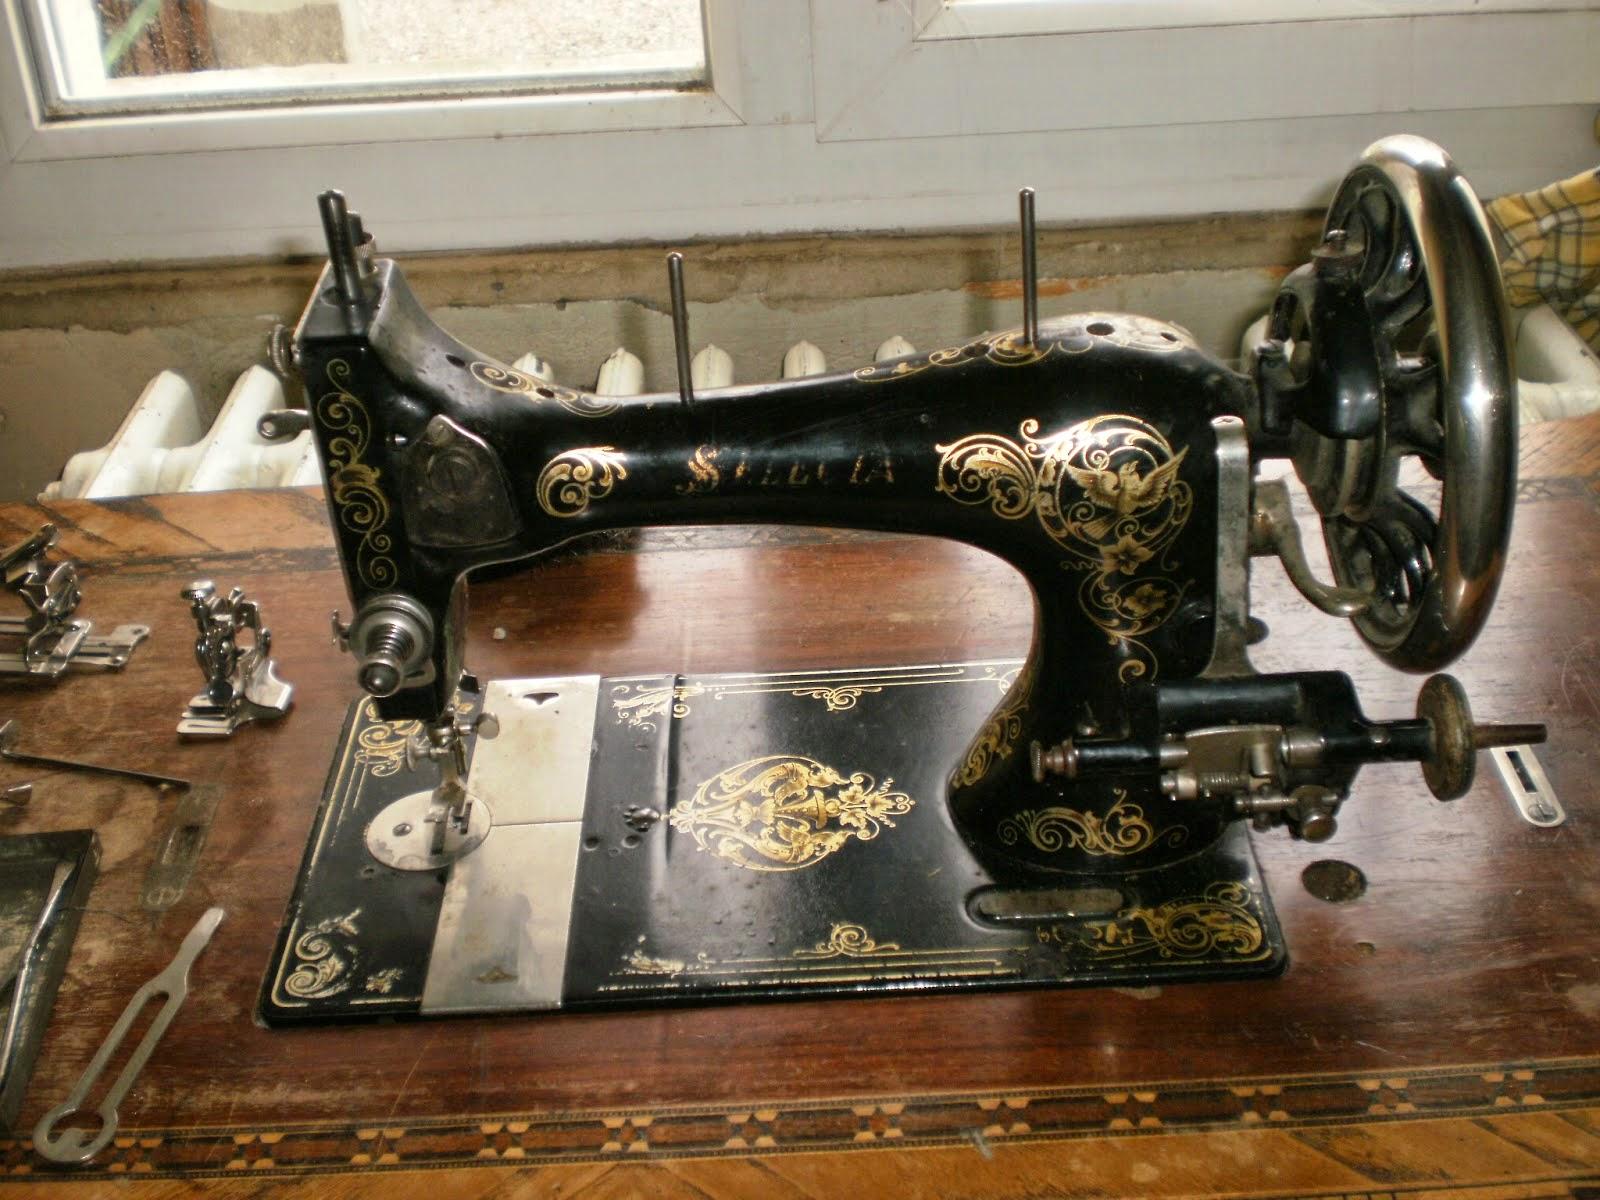 Machine A Coudre Ancienne des modes & : les machines à coudre anciennes